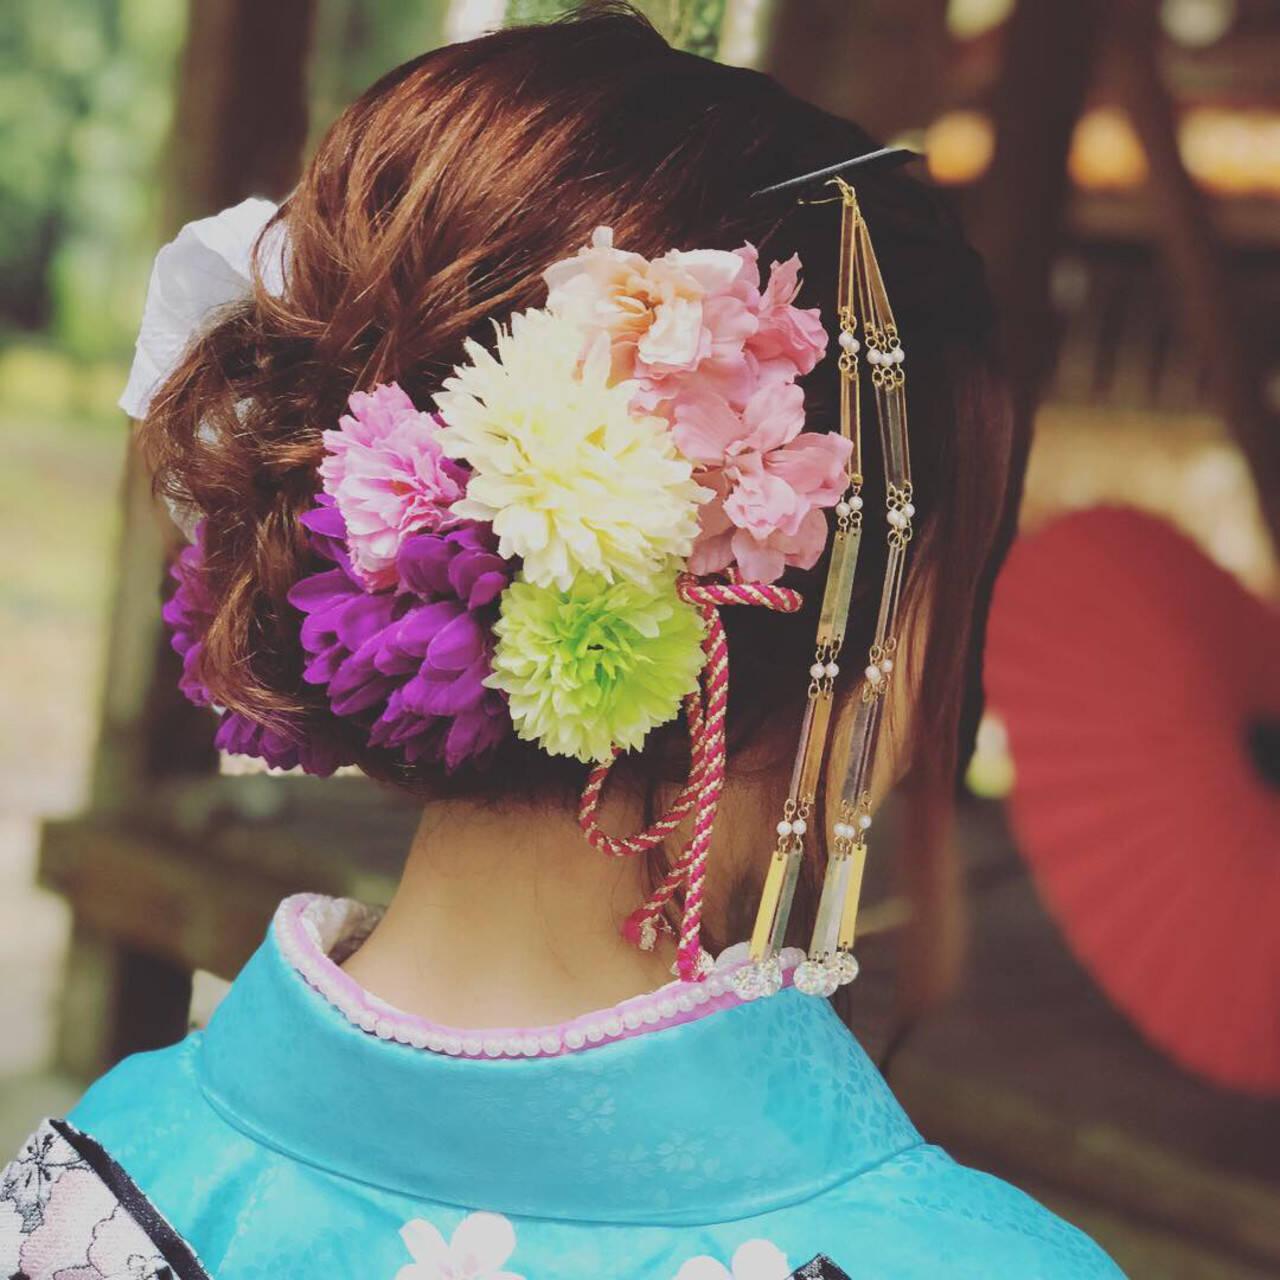 ヘアアレンジ ブライダル 成人式 福岡市ヘアスタイルや髪型の写真・画像